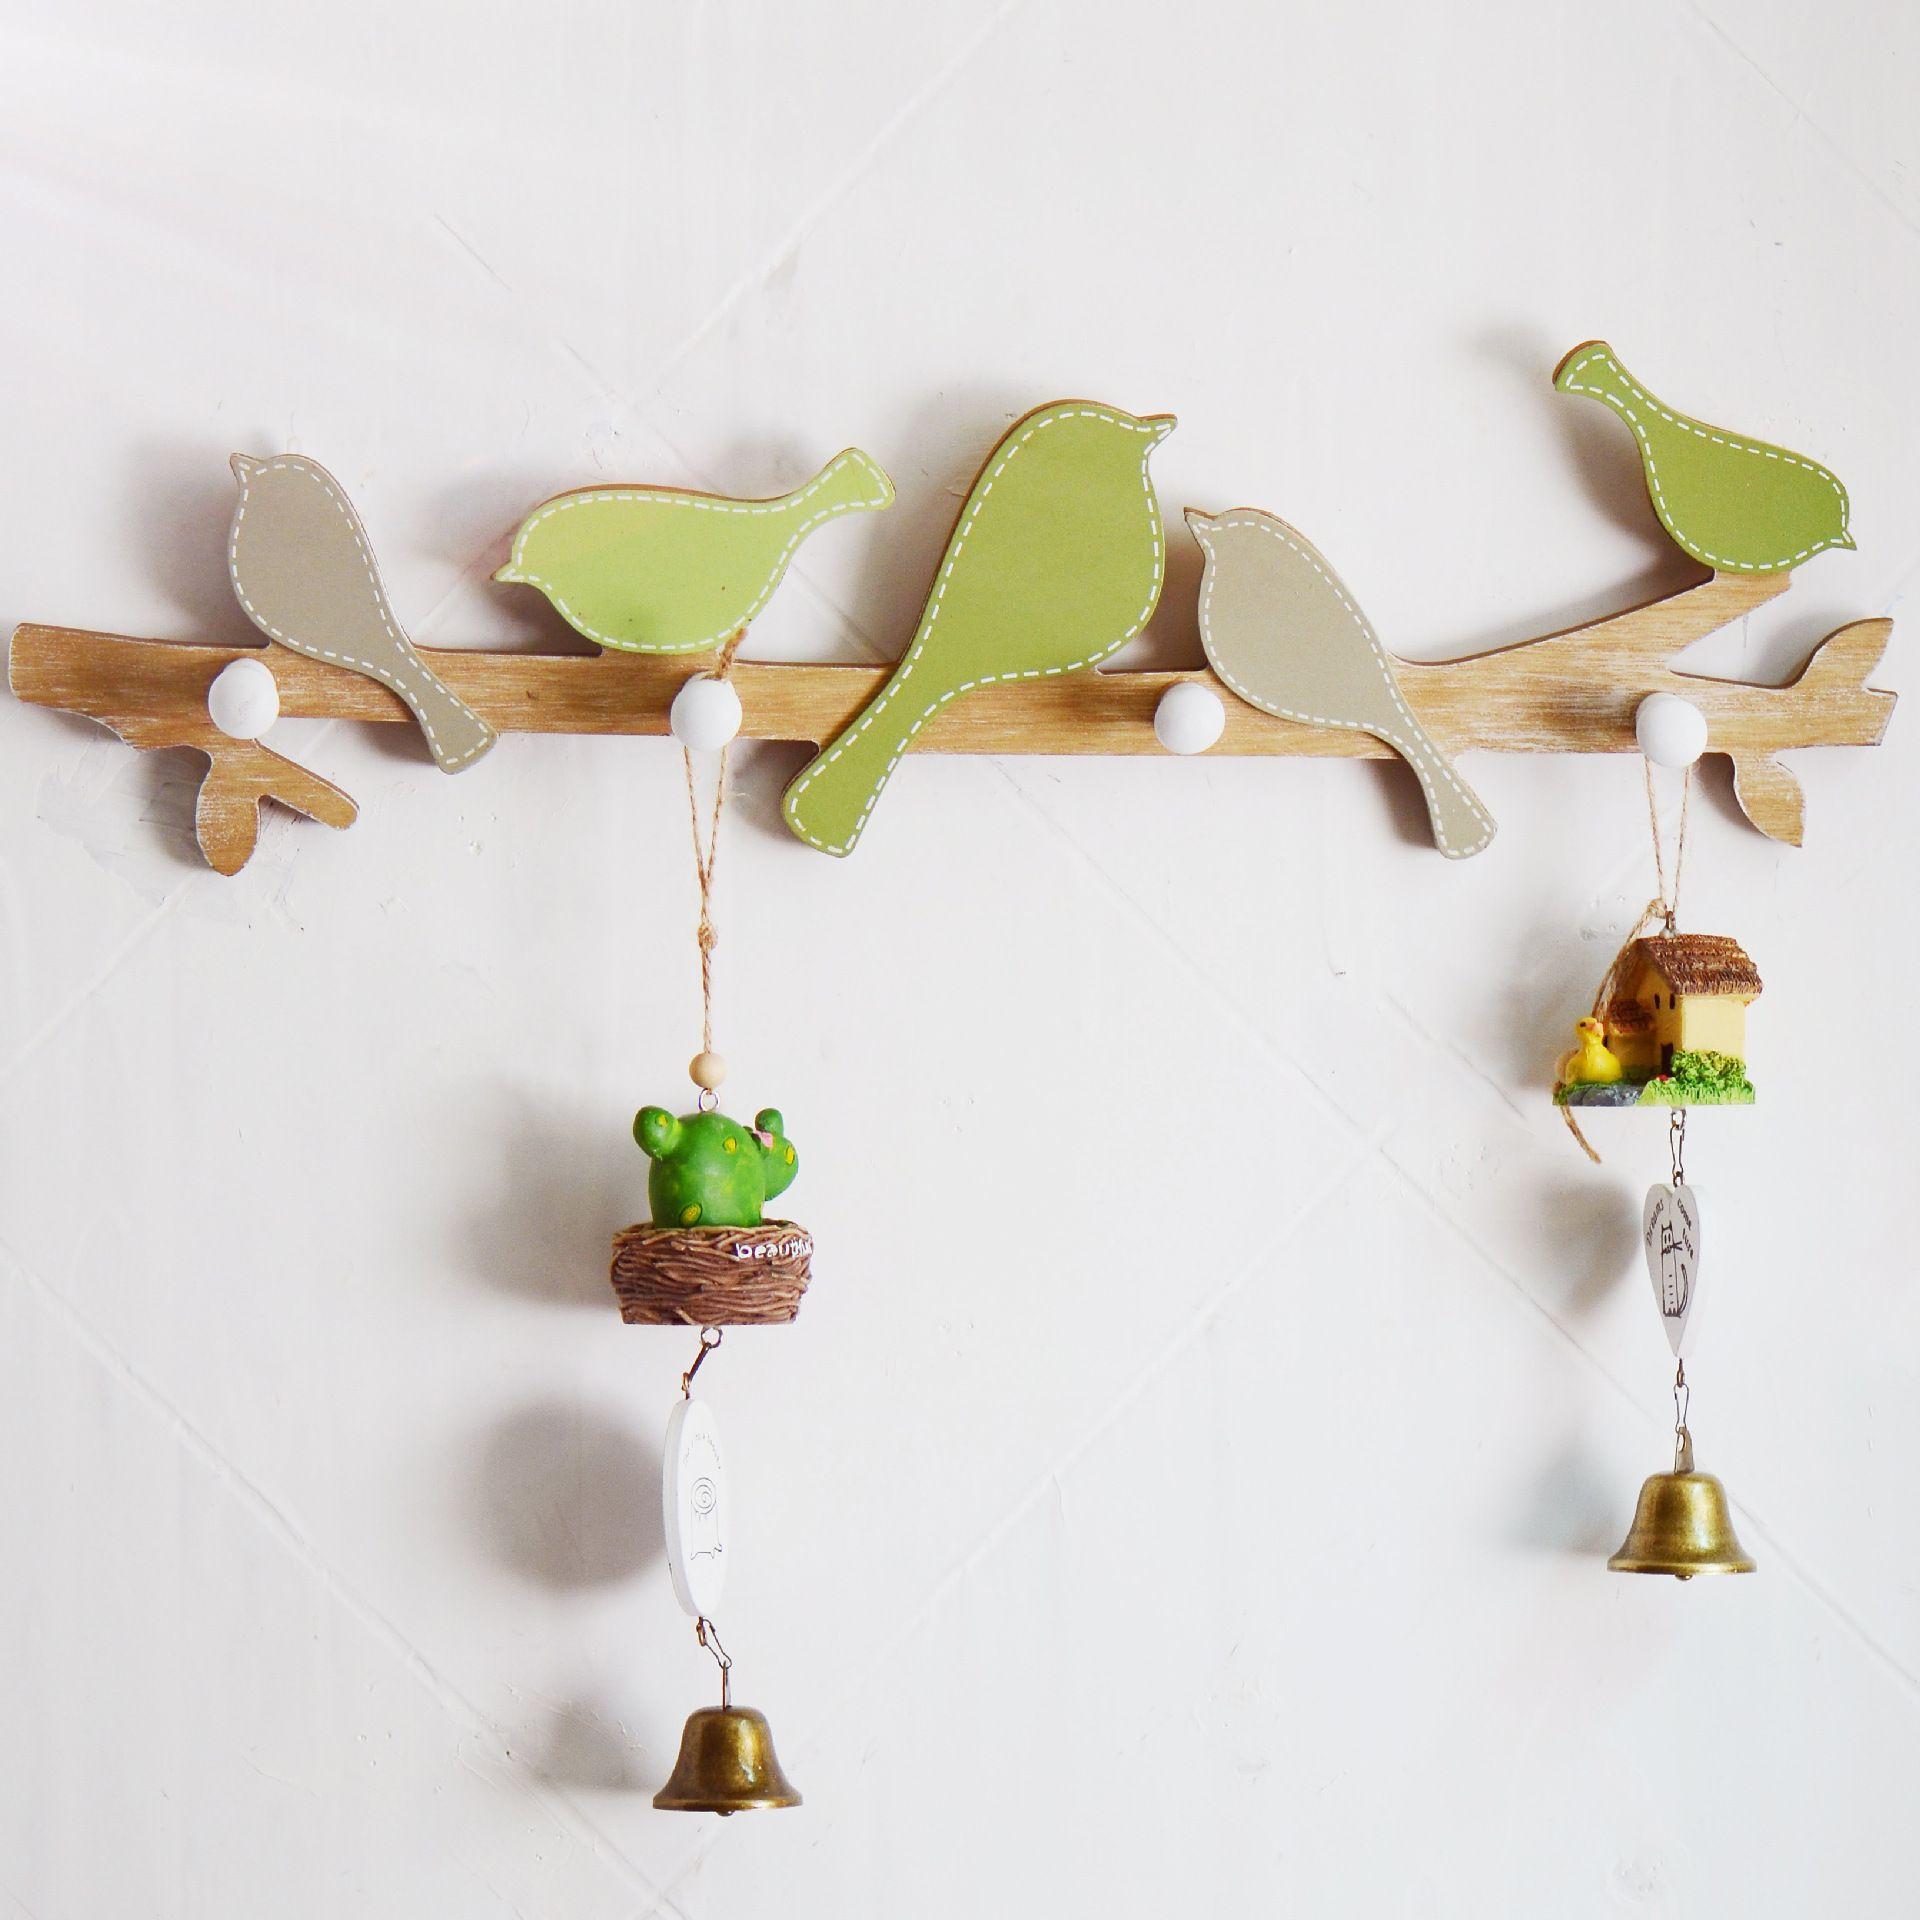 Ahşap elbise askısı kanca vestiyer ahşap askıları kuşlar duvar askı kanca duvar dekorasyon zanaat hediyeler 18.9x5.11 inç